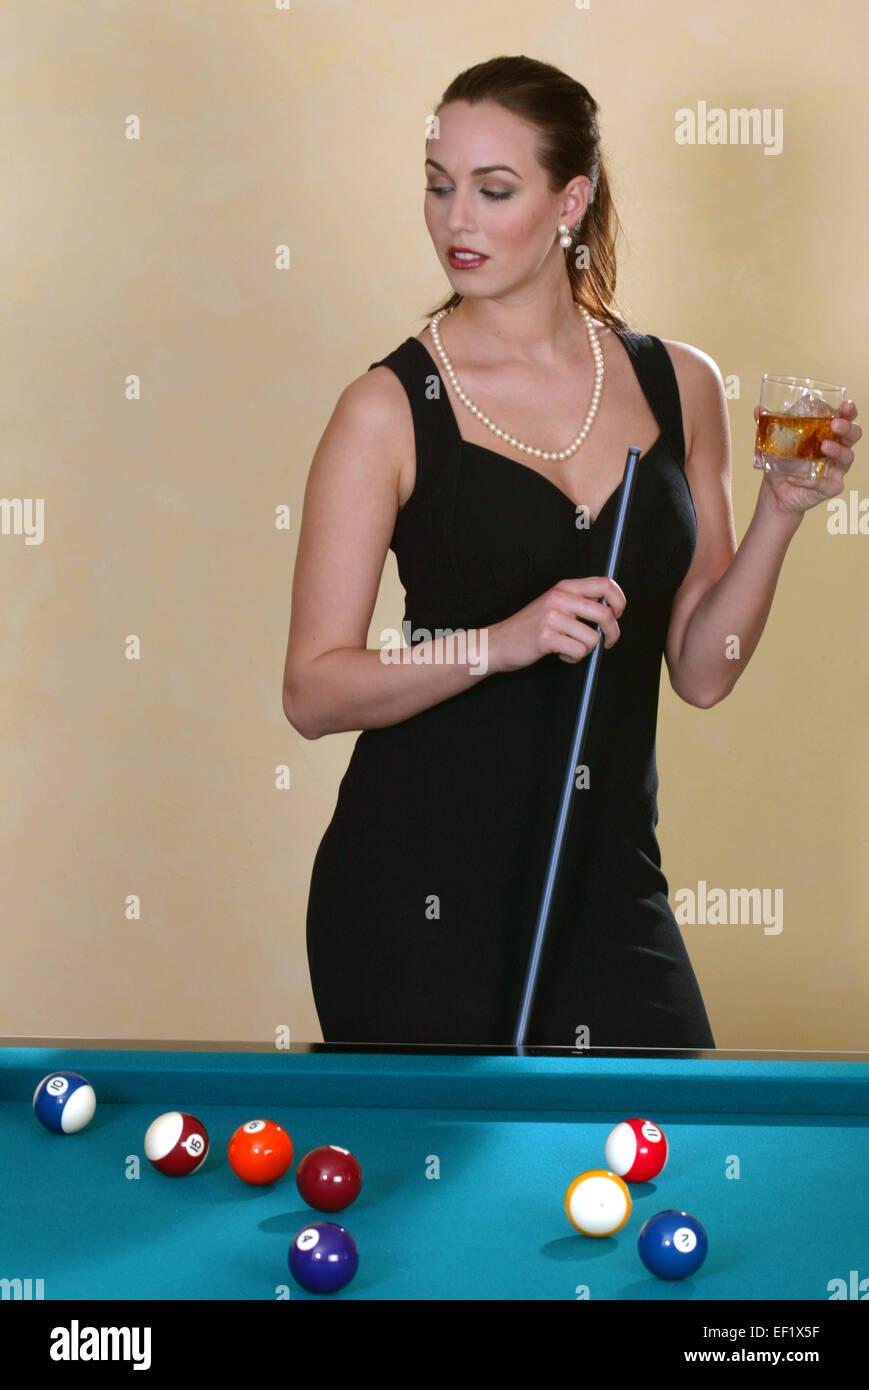 Elegante Frau spielt Billard, Frei f∏r Werbung (Modellfreigabe) Immagini Stock